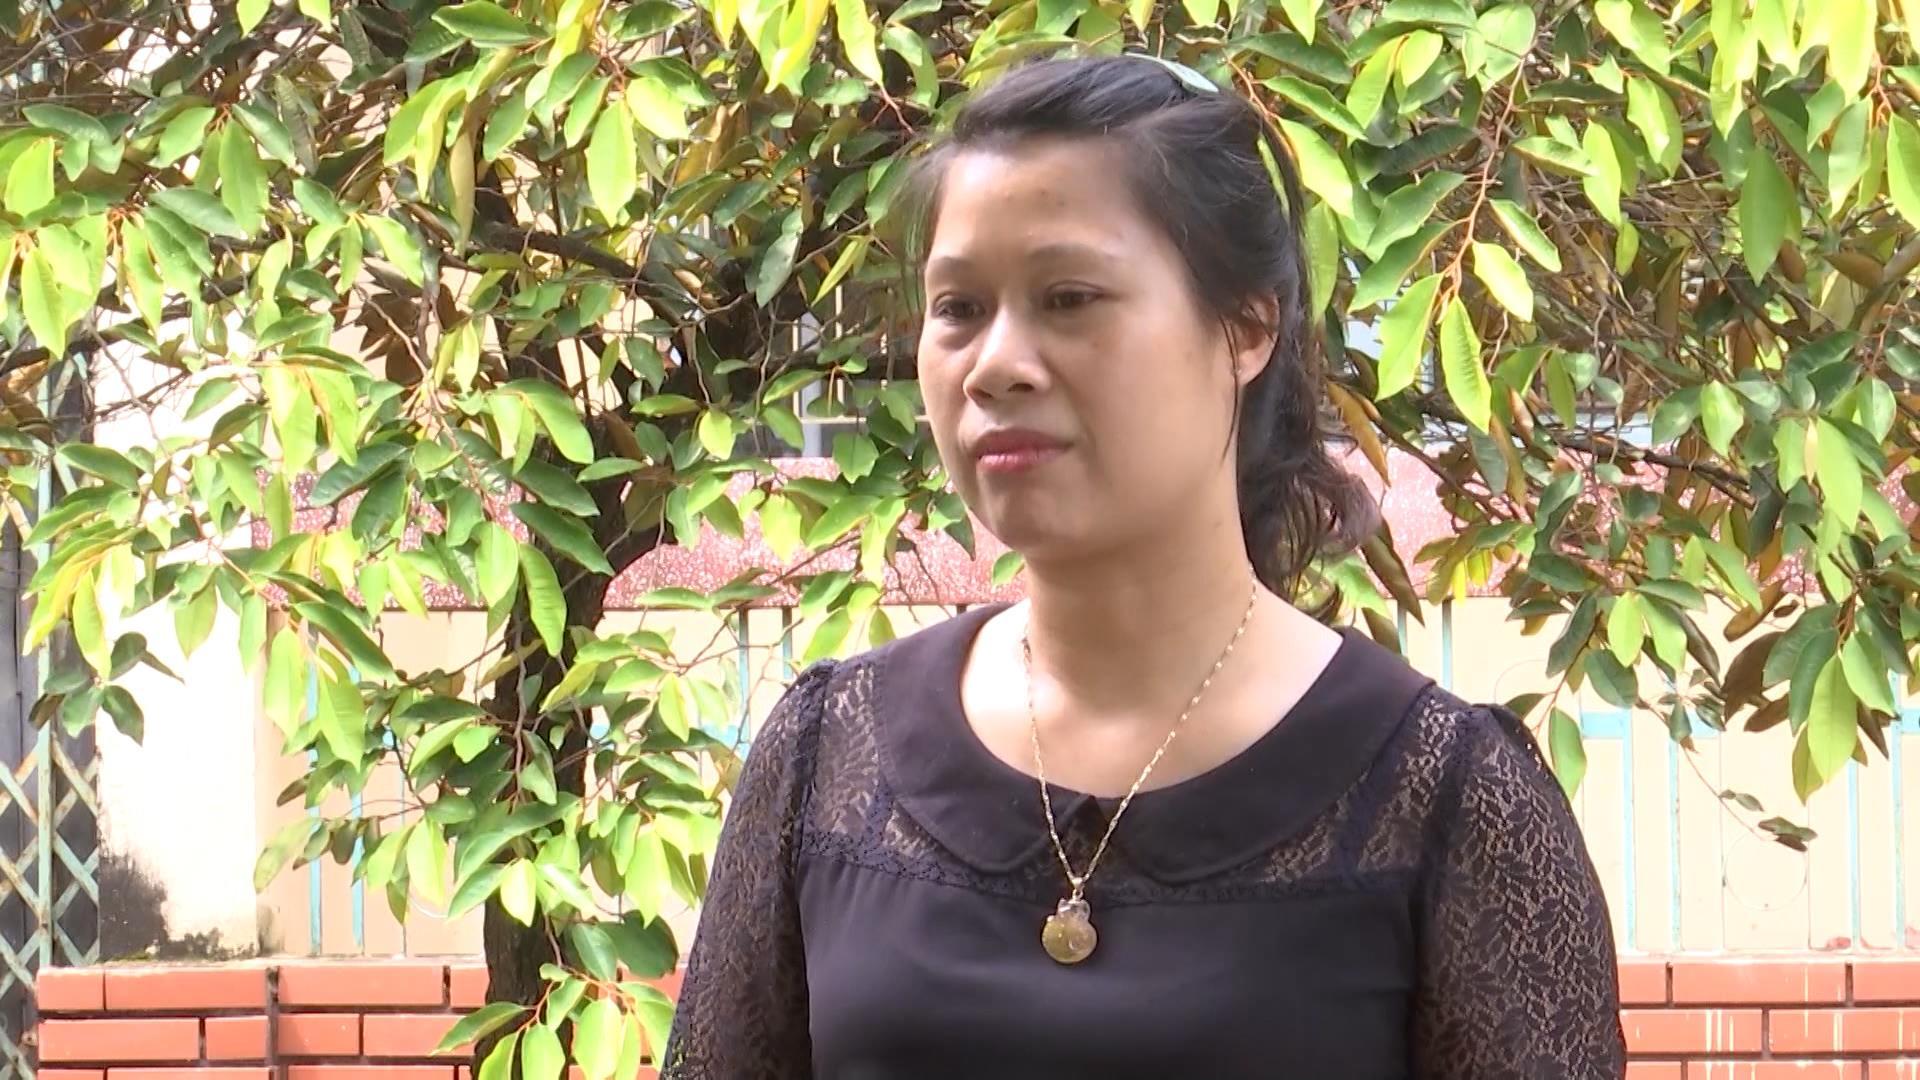 Bắc Ninh chung tay chăm lo, giáo dục trẻ em